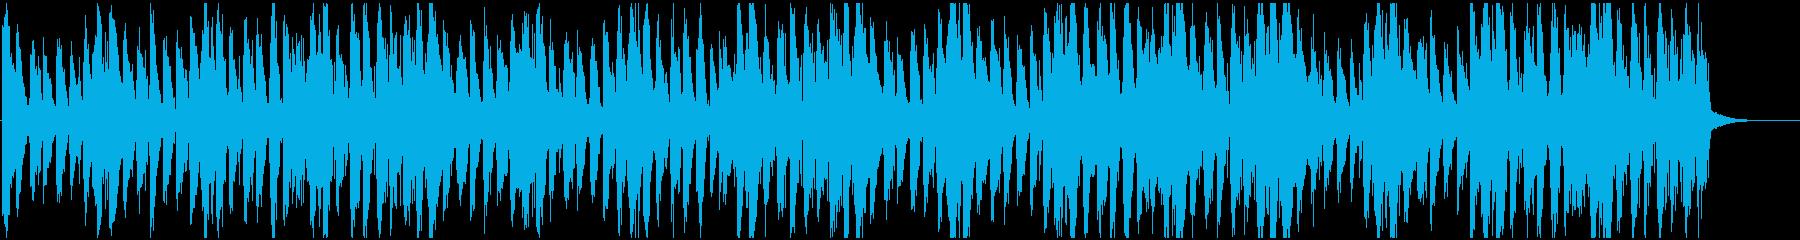 ハロウィン、ほんのり不気味マーチの再生済みの波形